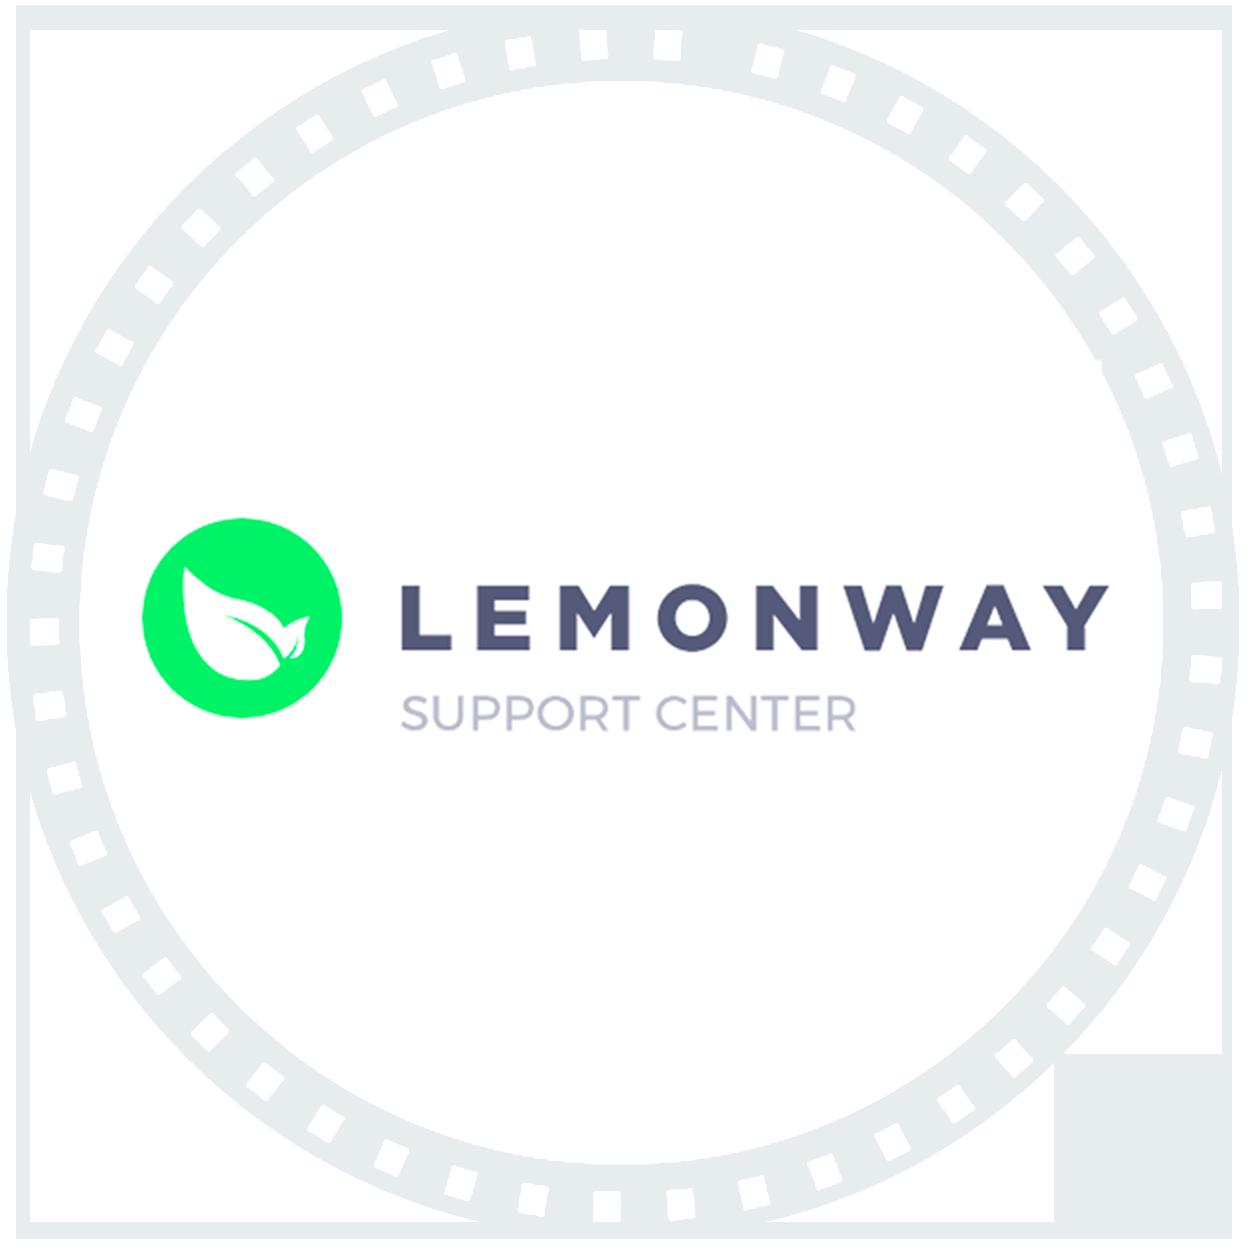 16 lemonway